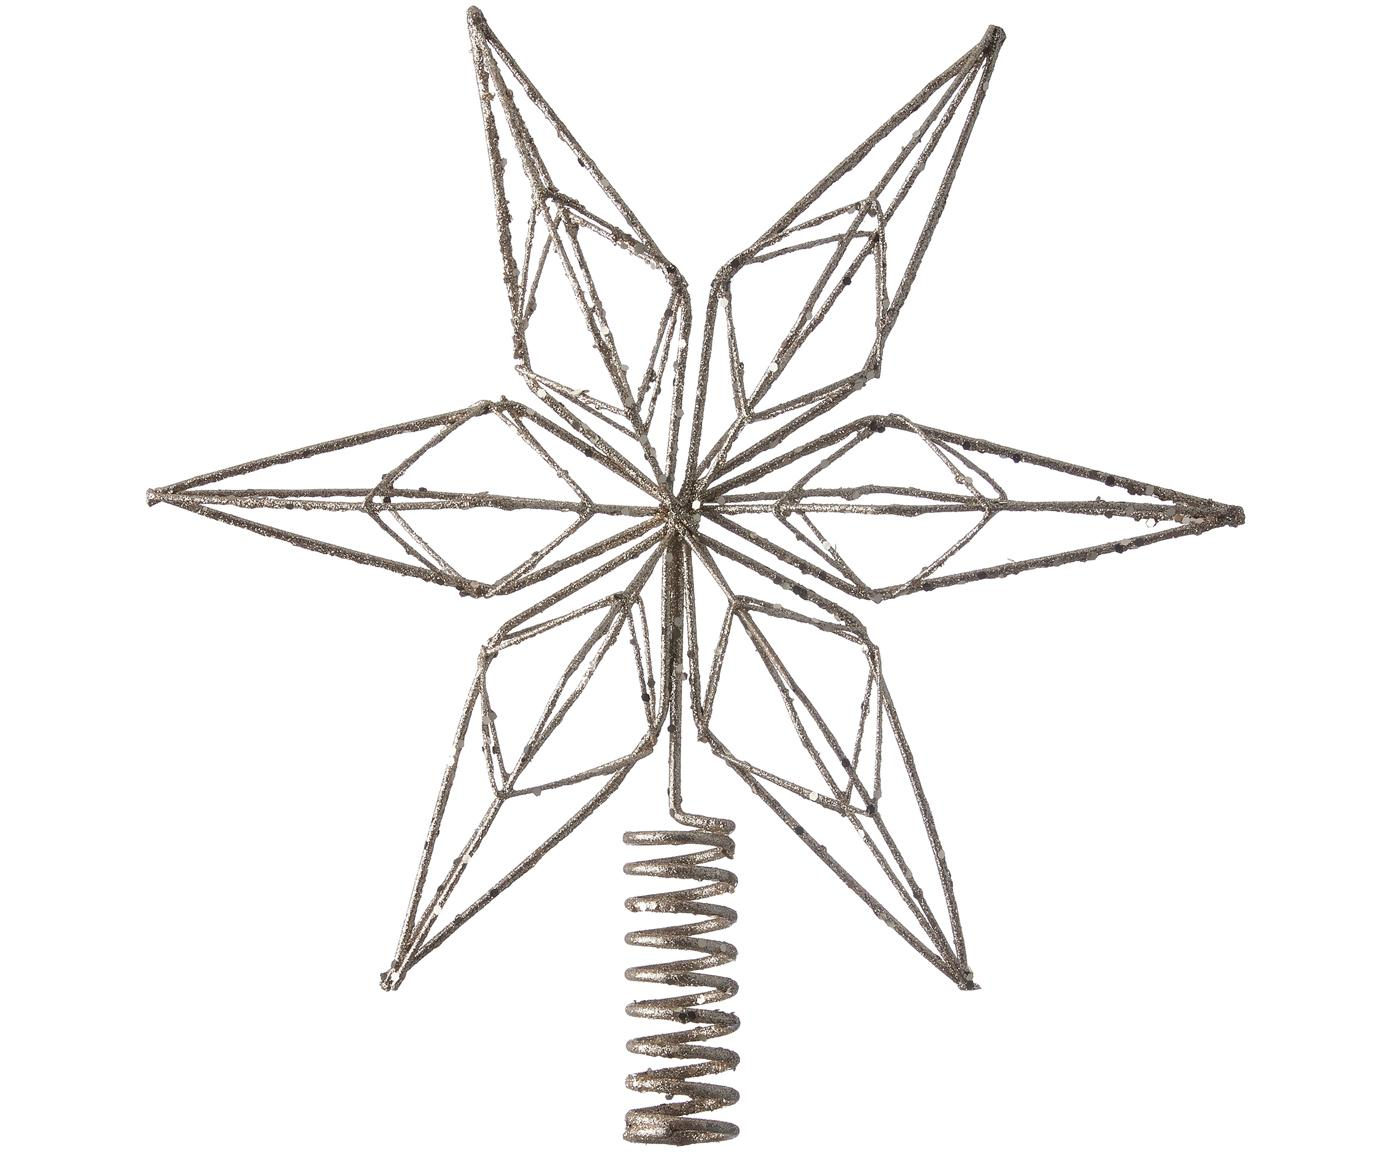 Puntale per albero di Natale Alivinne, Metallo verniciato, Ottonato, Larg. 27 x Alt. 28 cm